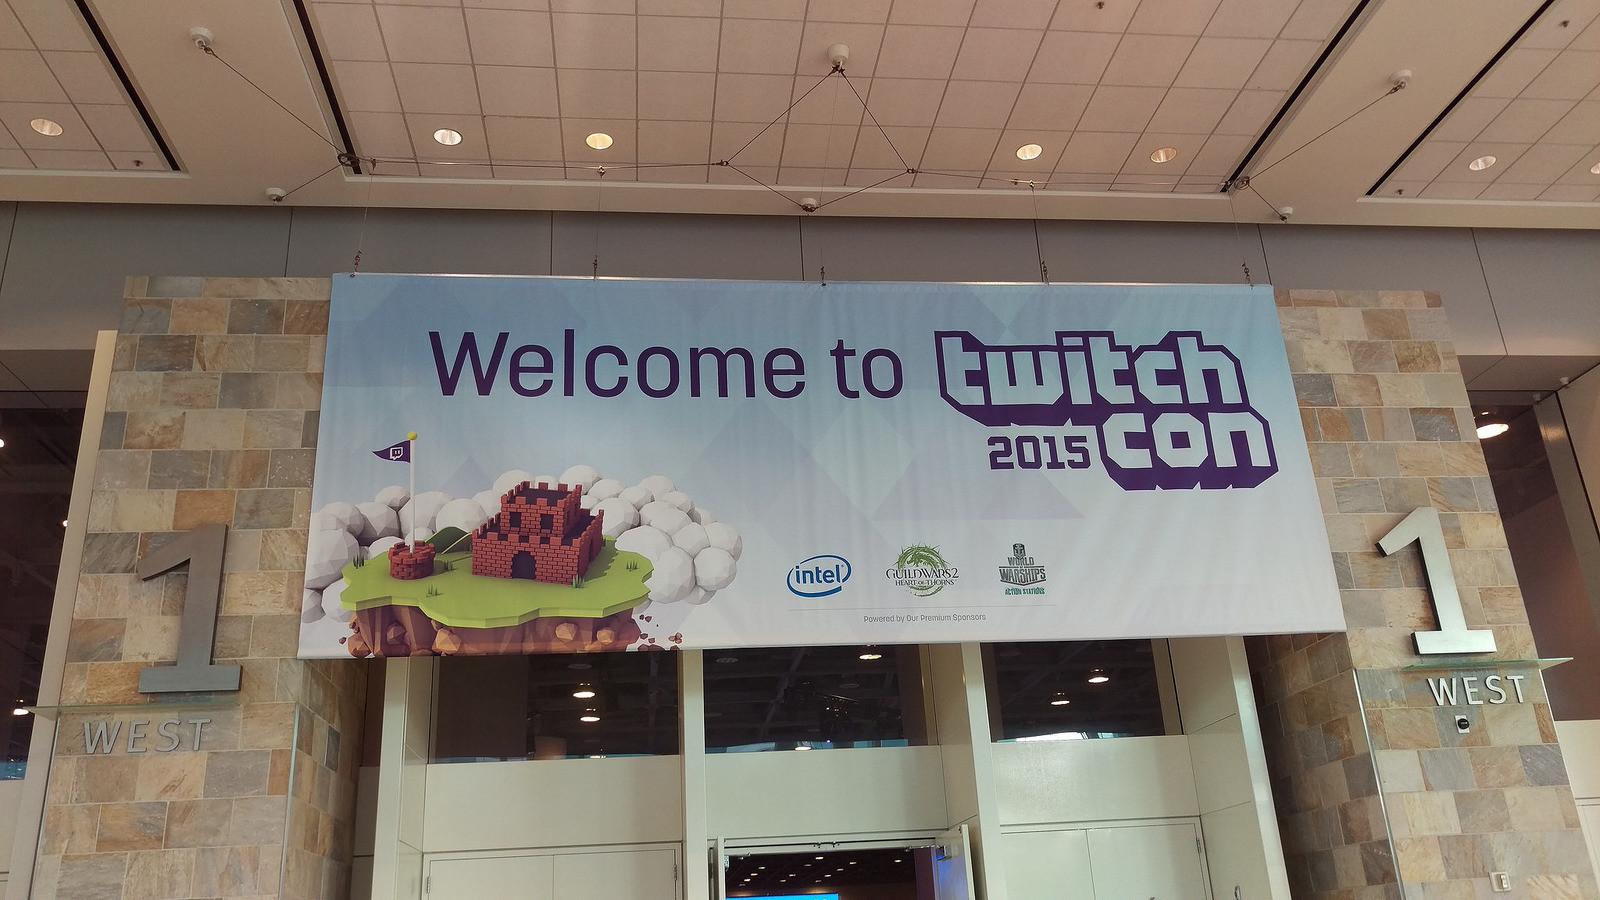 TwitchCon 2015!